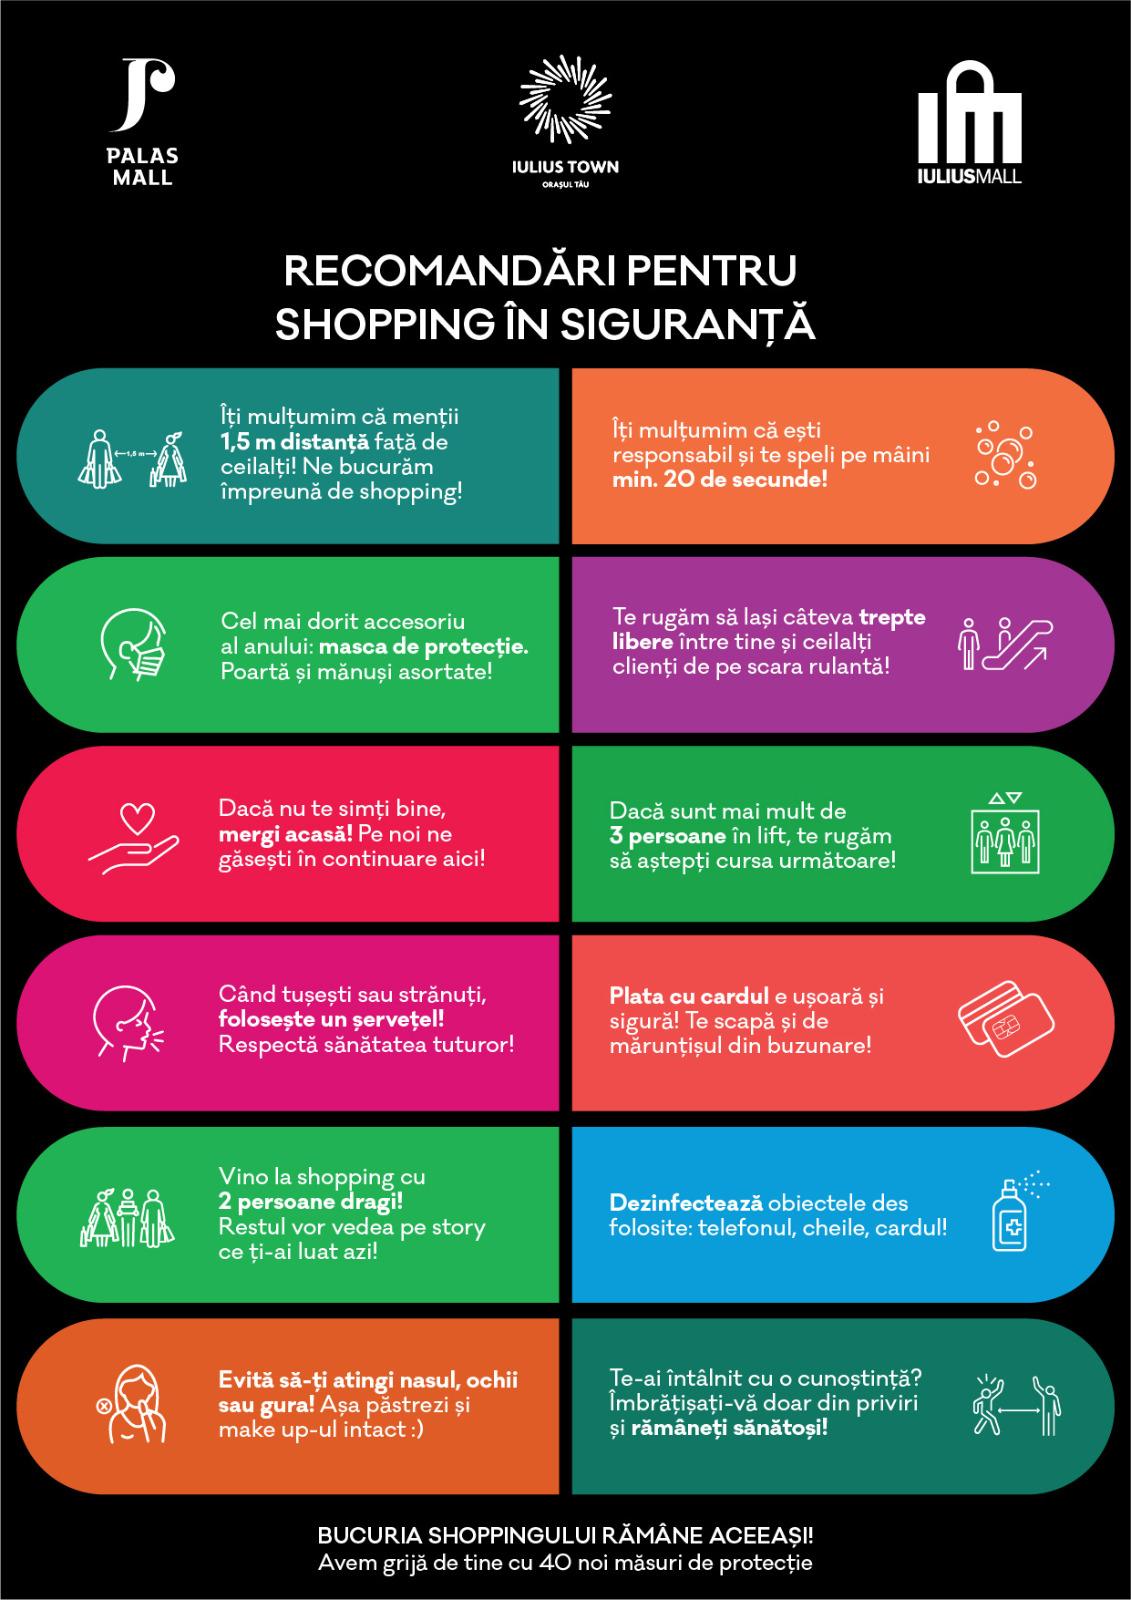 Recomandari_pentru_shopping_in_siguranta